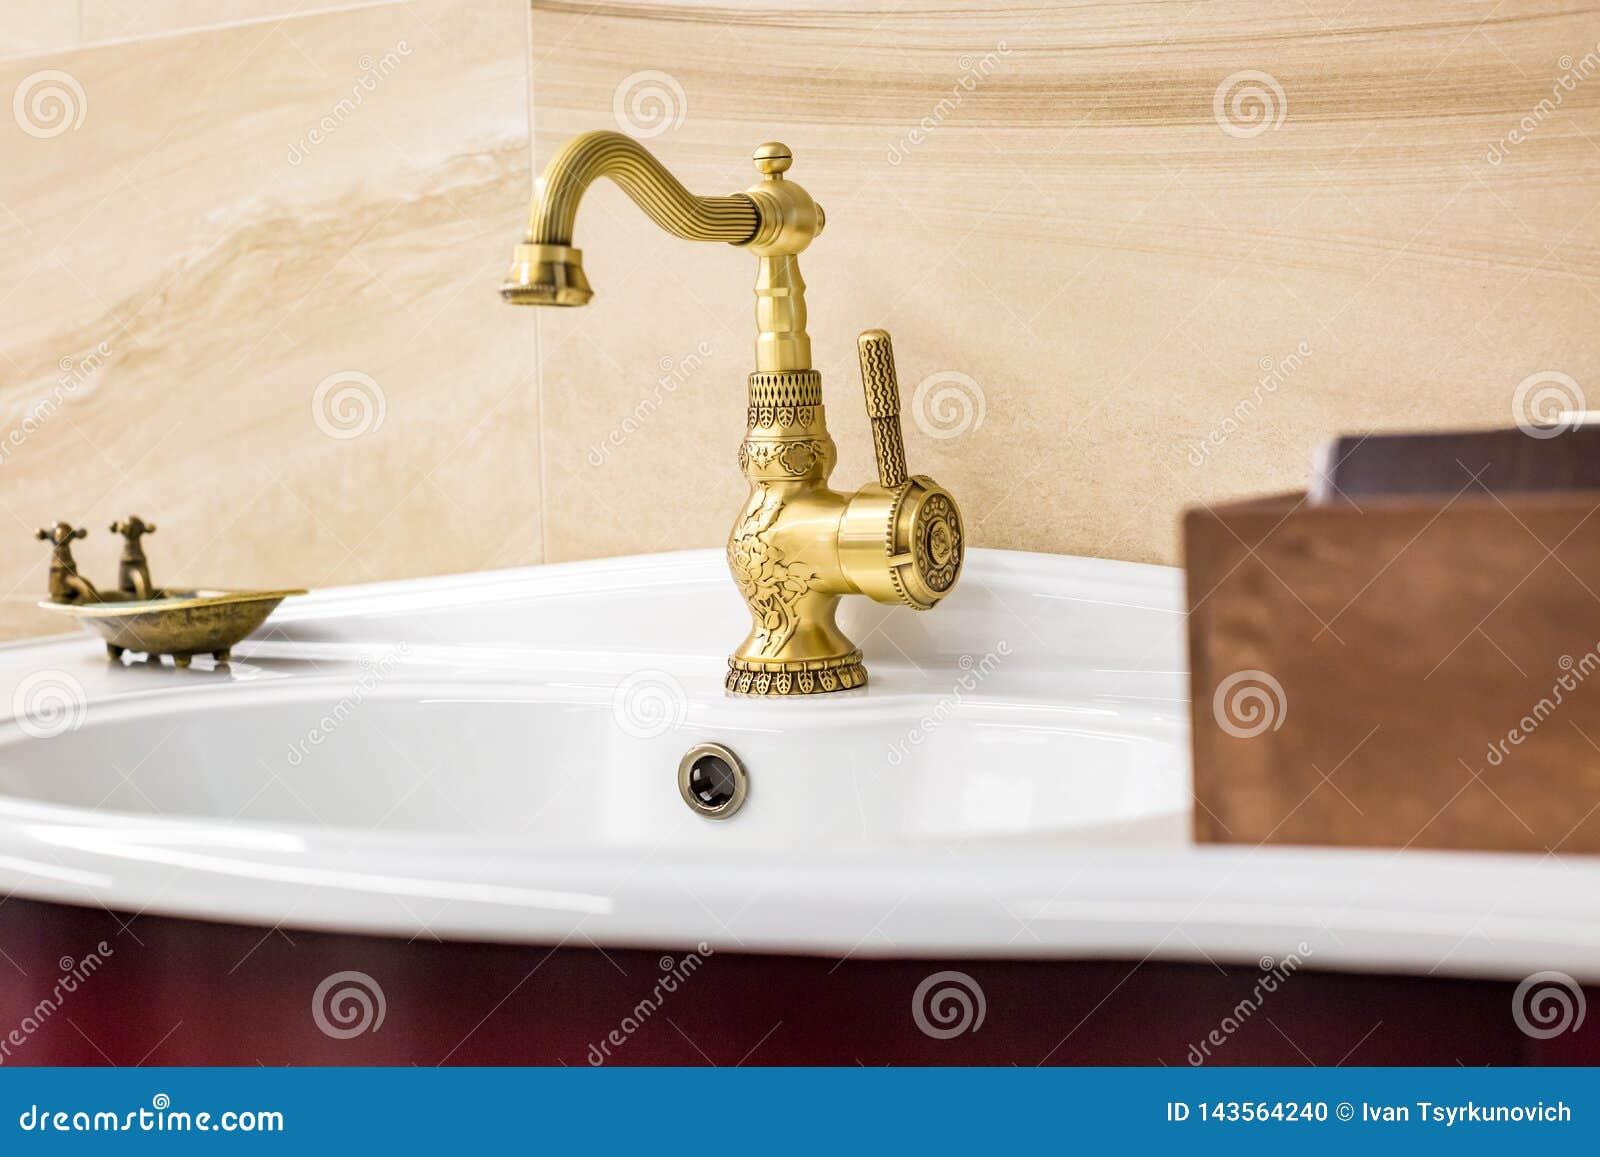 Wasserhahnwanne mit Hahn in der chinesischen Art der Weinlese im teuren Dachbodenbadezimmer